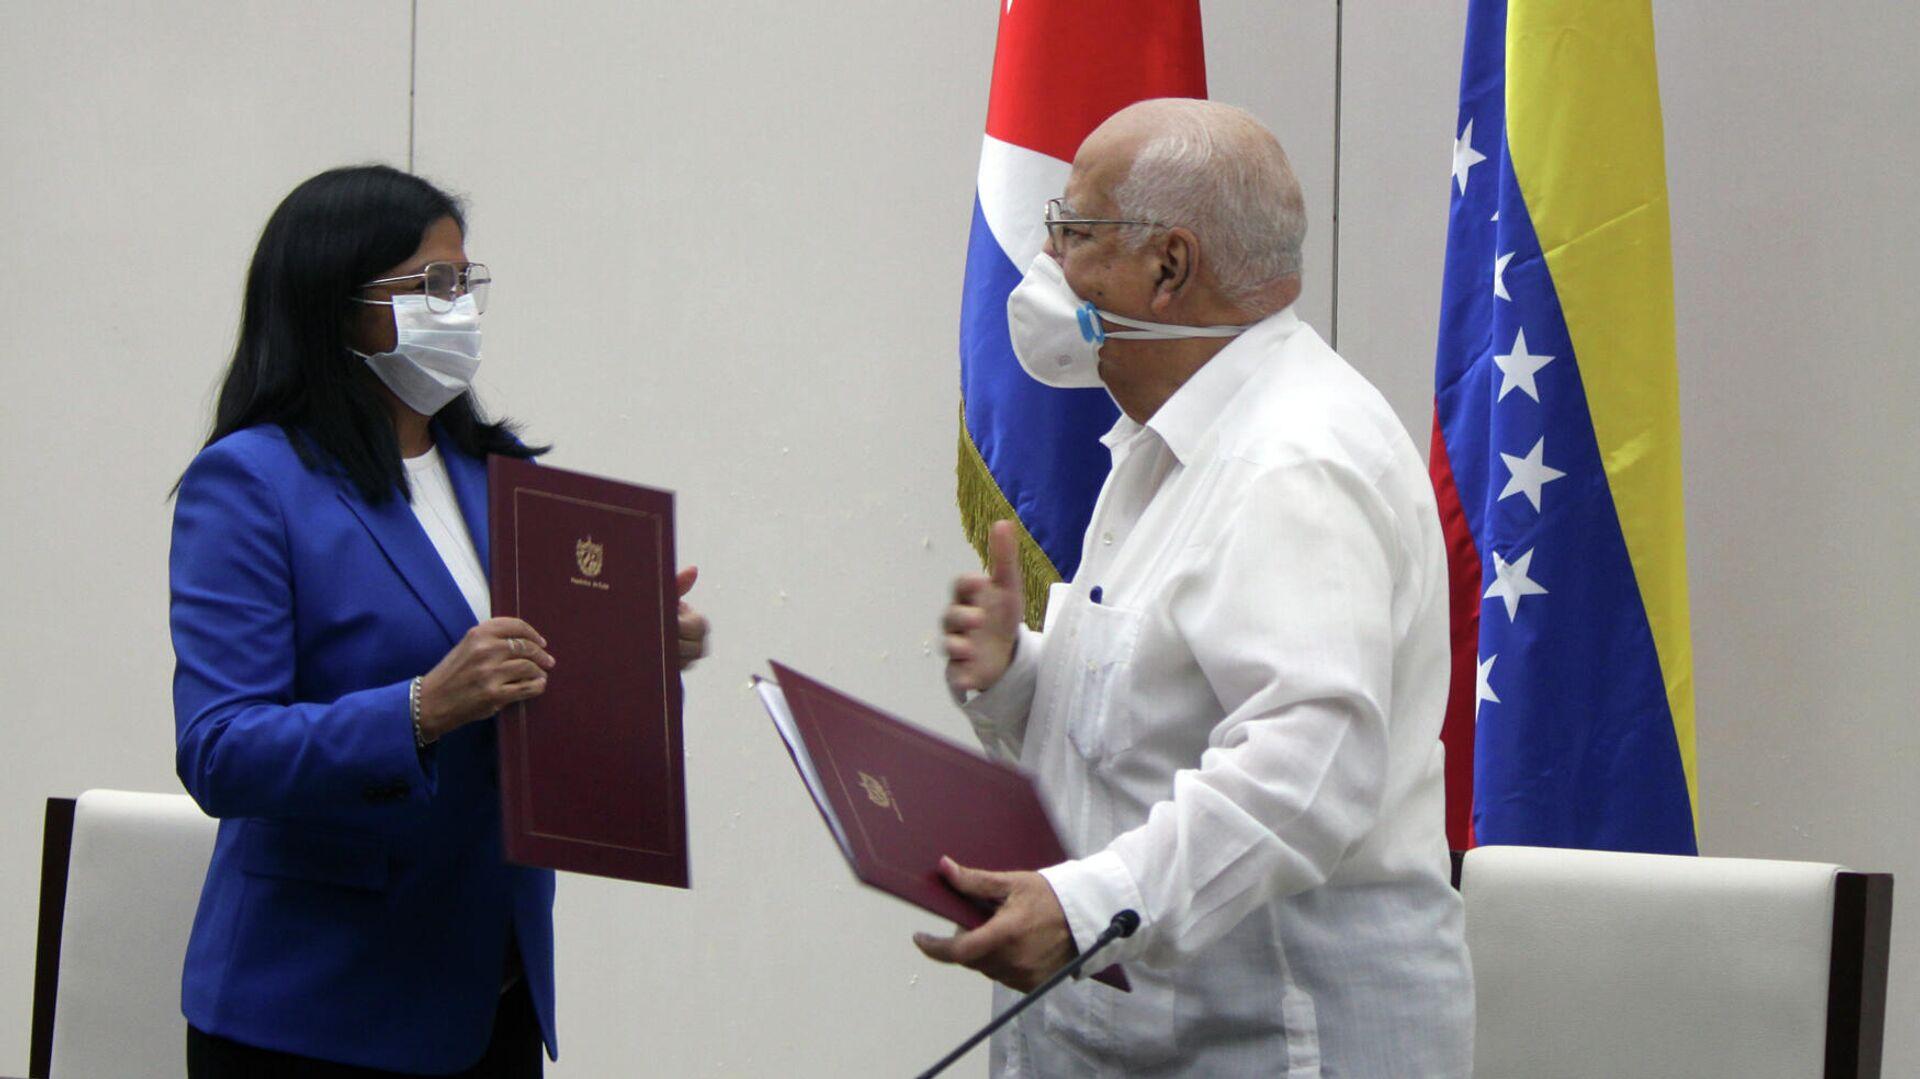 Vicepresidenta de Venezuela y viceprimer ministro de Cuba intercambian Convenio Integral de Cooperación Cuba-Venezuela - Sputnik Mundo, 1920, 09.03.2021